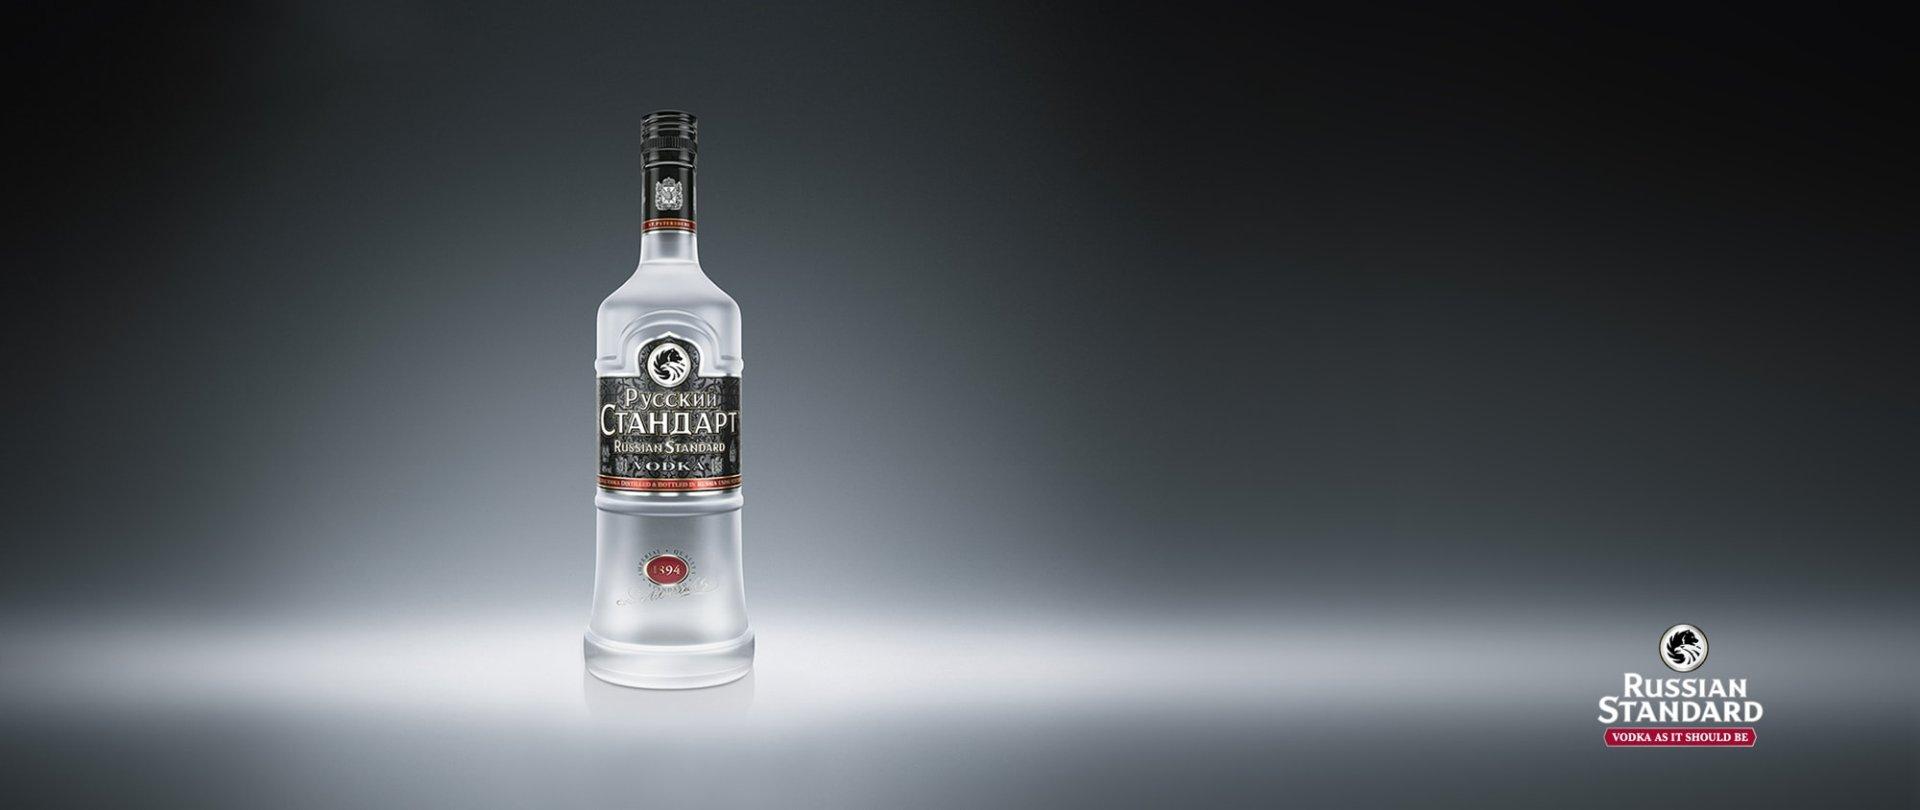 Russian Standard Vodka15